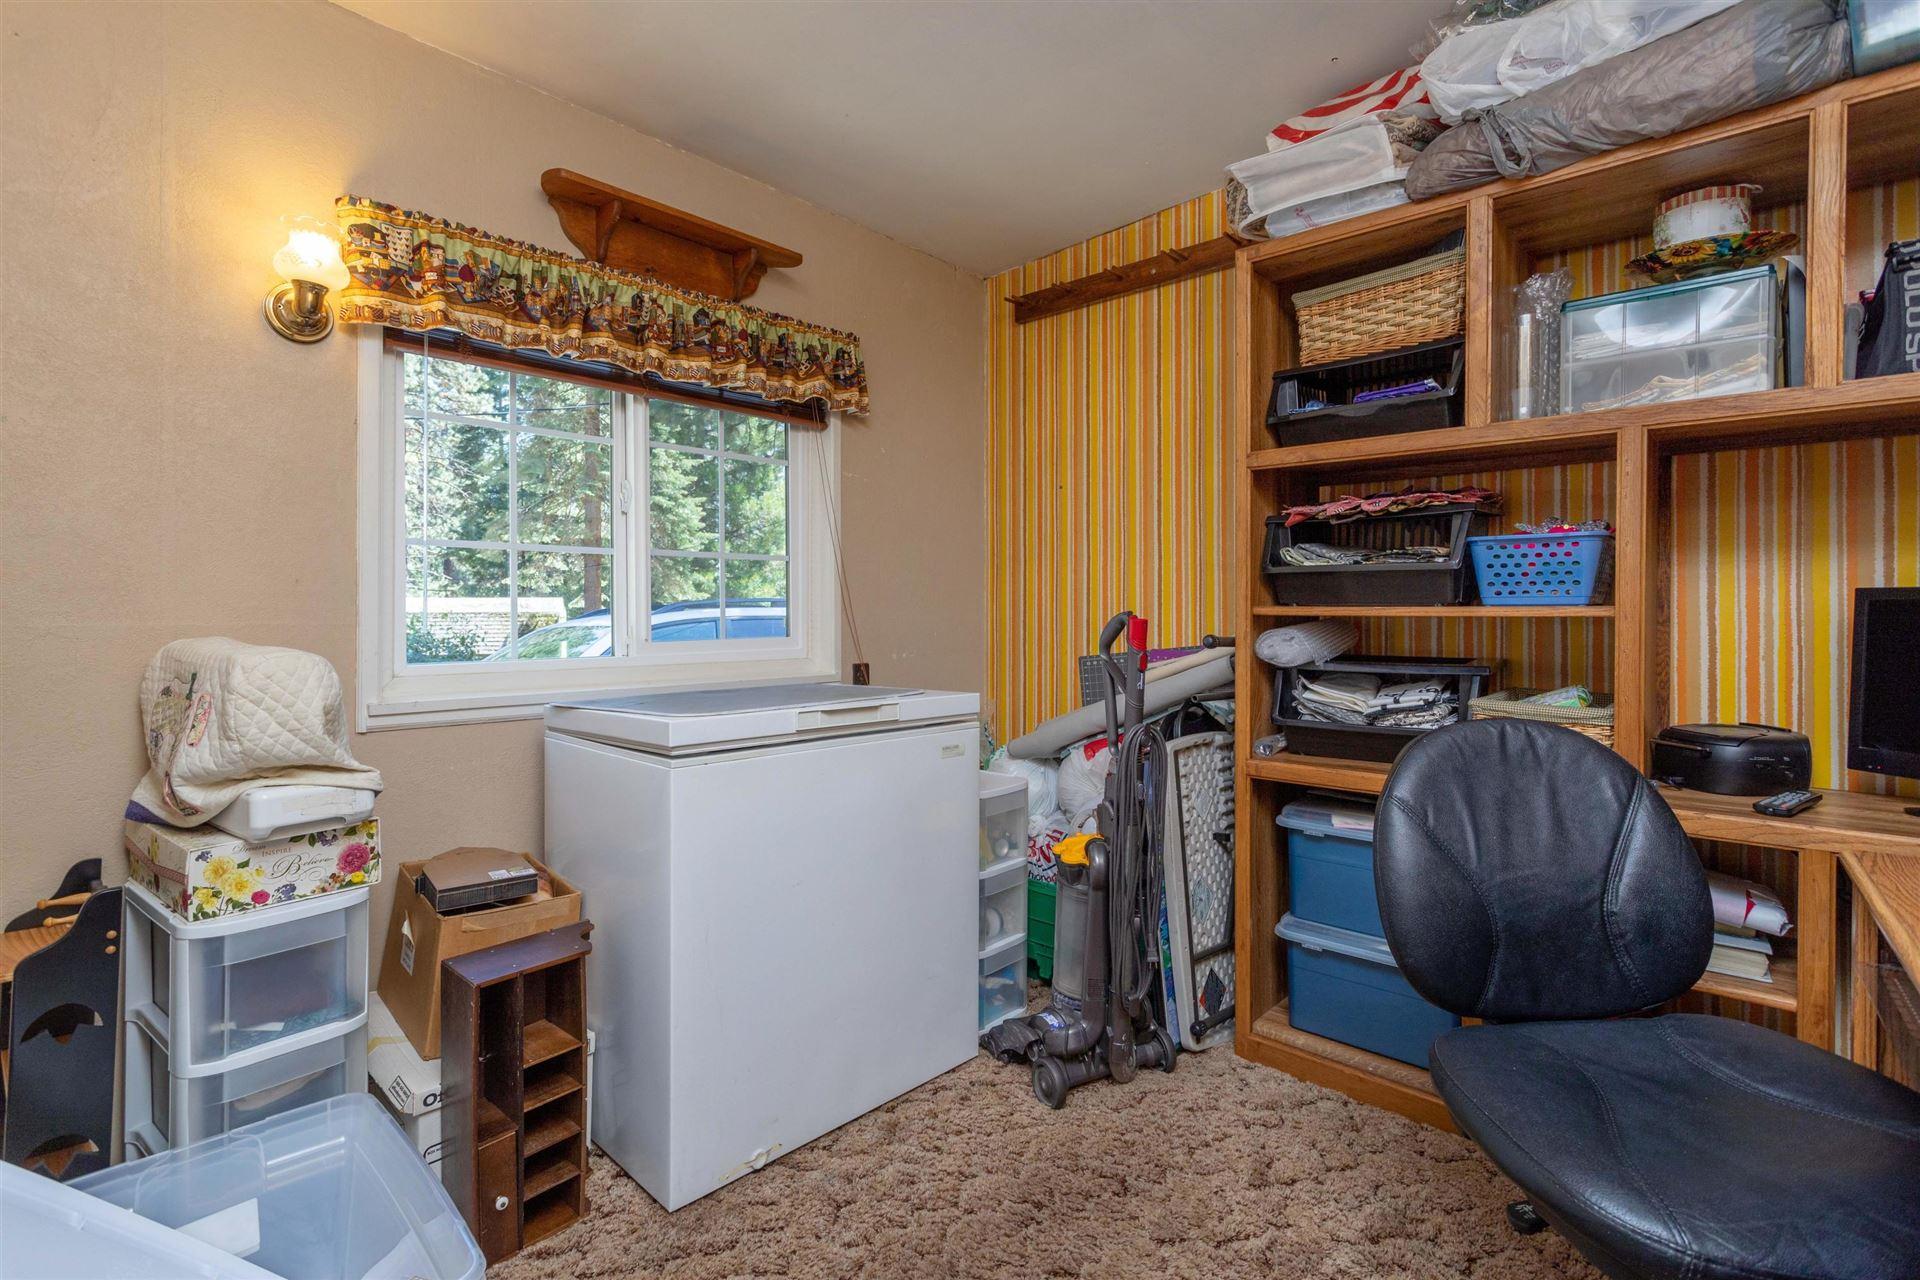 Photo of 2400 Pine Grove, Mt Shasta, CA 96067 (MLS # 21-1818)